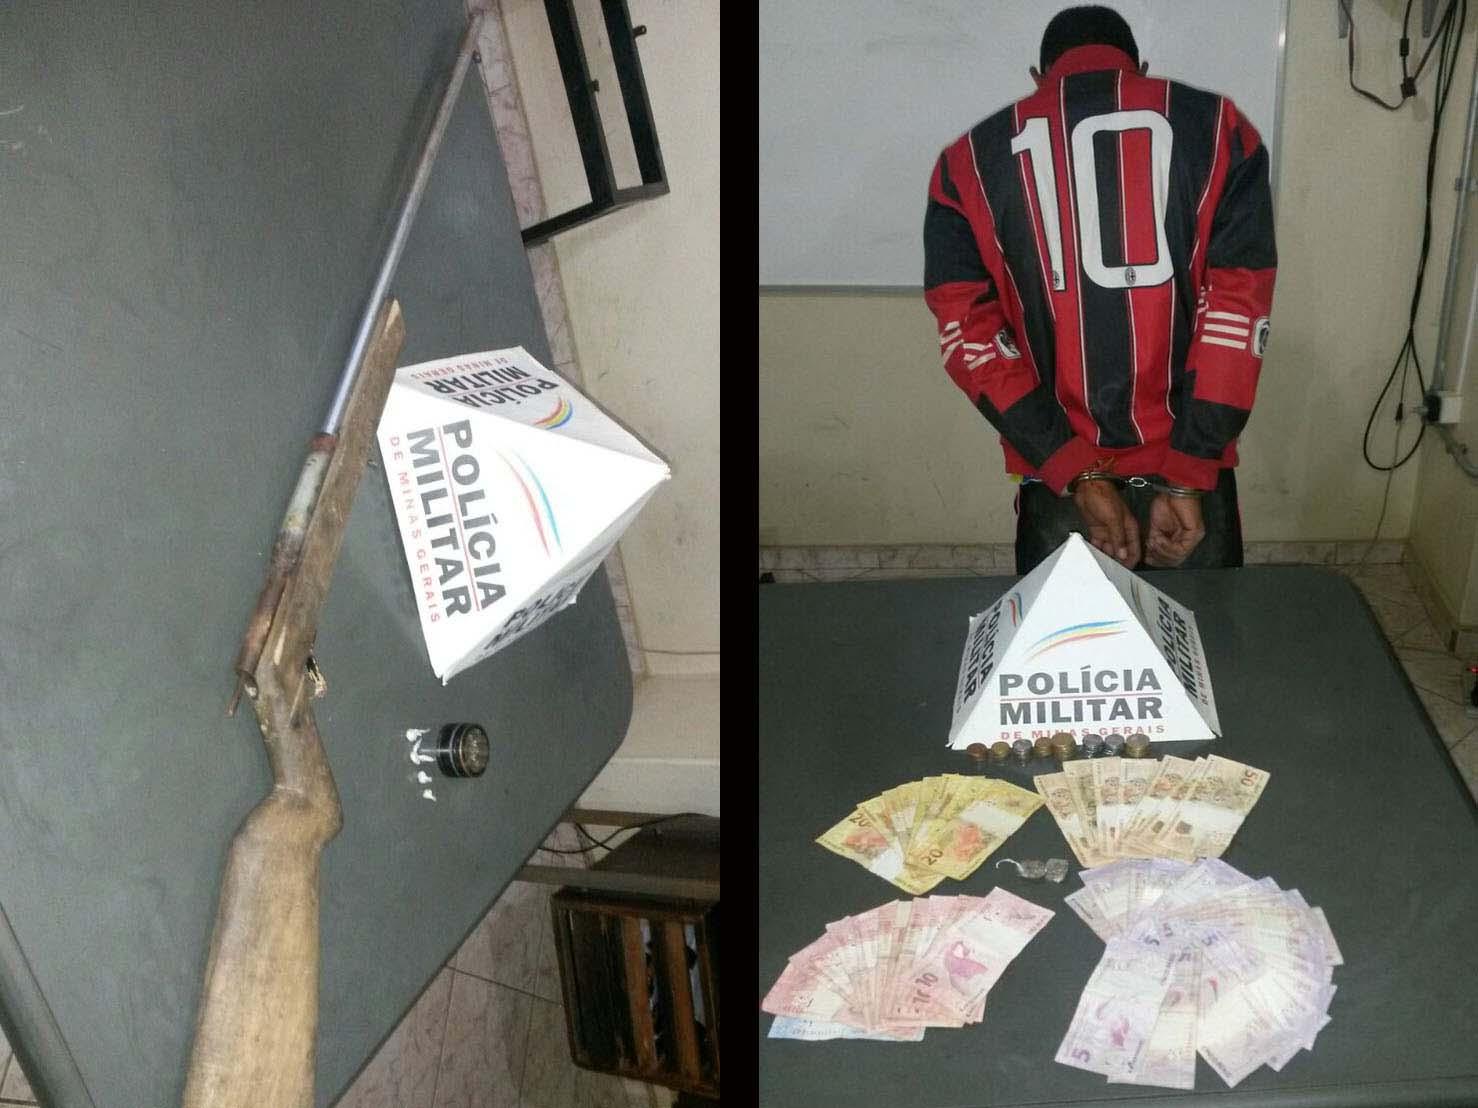 Polícia prende traficante e apreende arma em Paraopeba